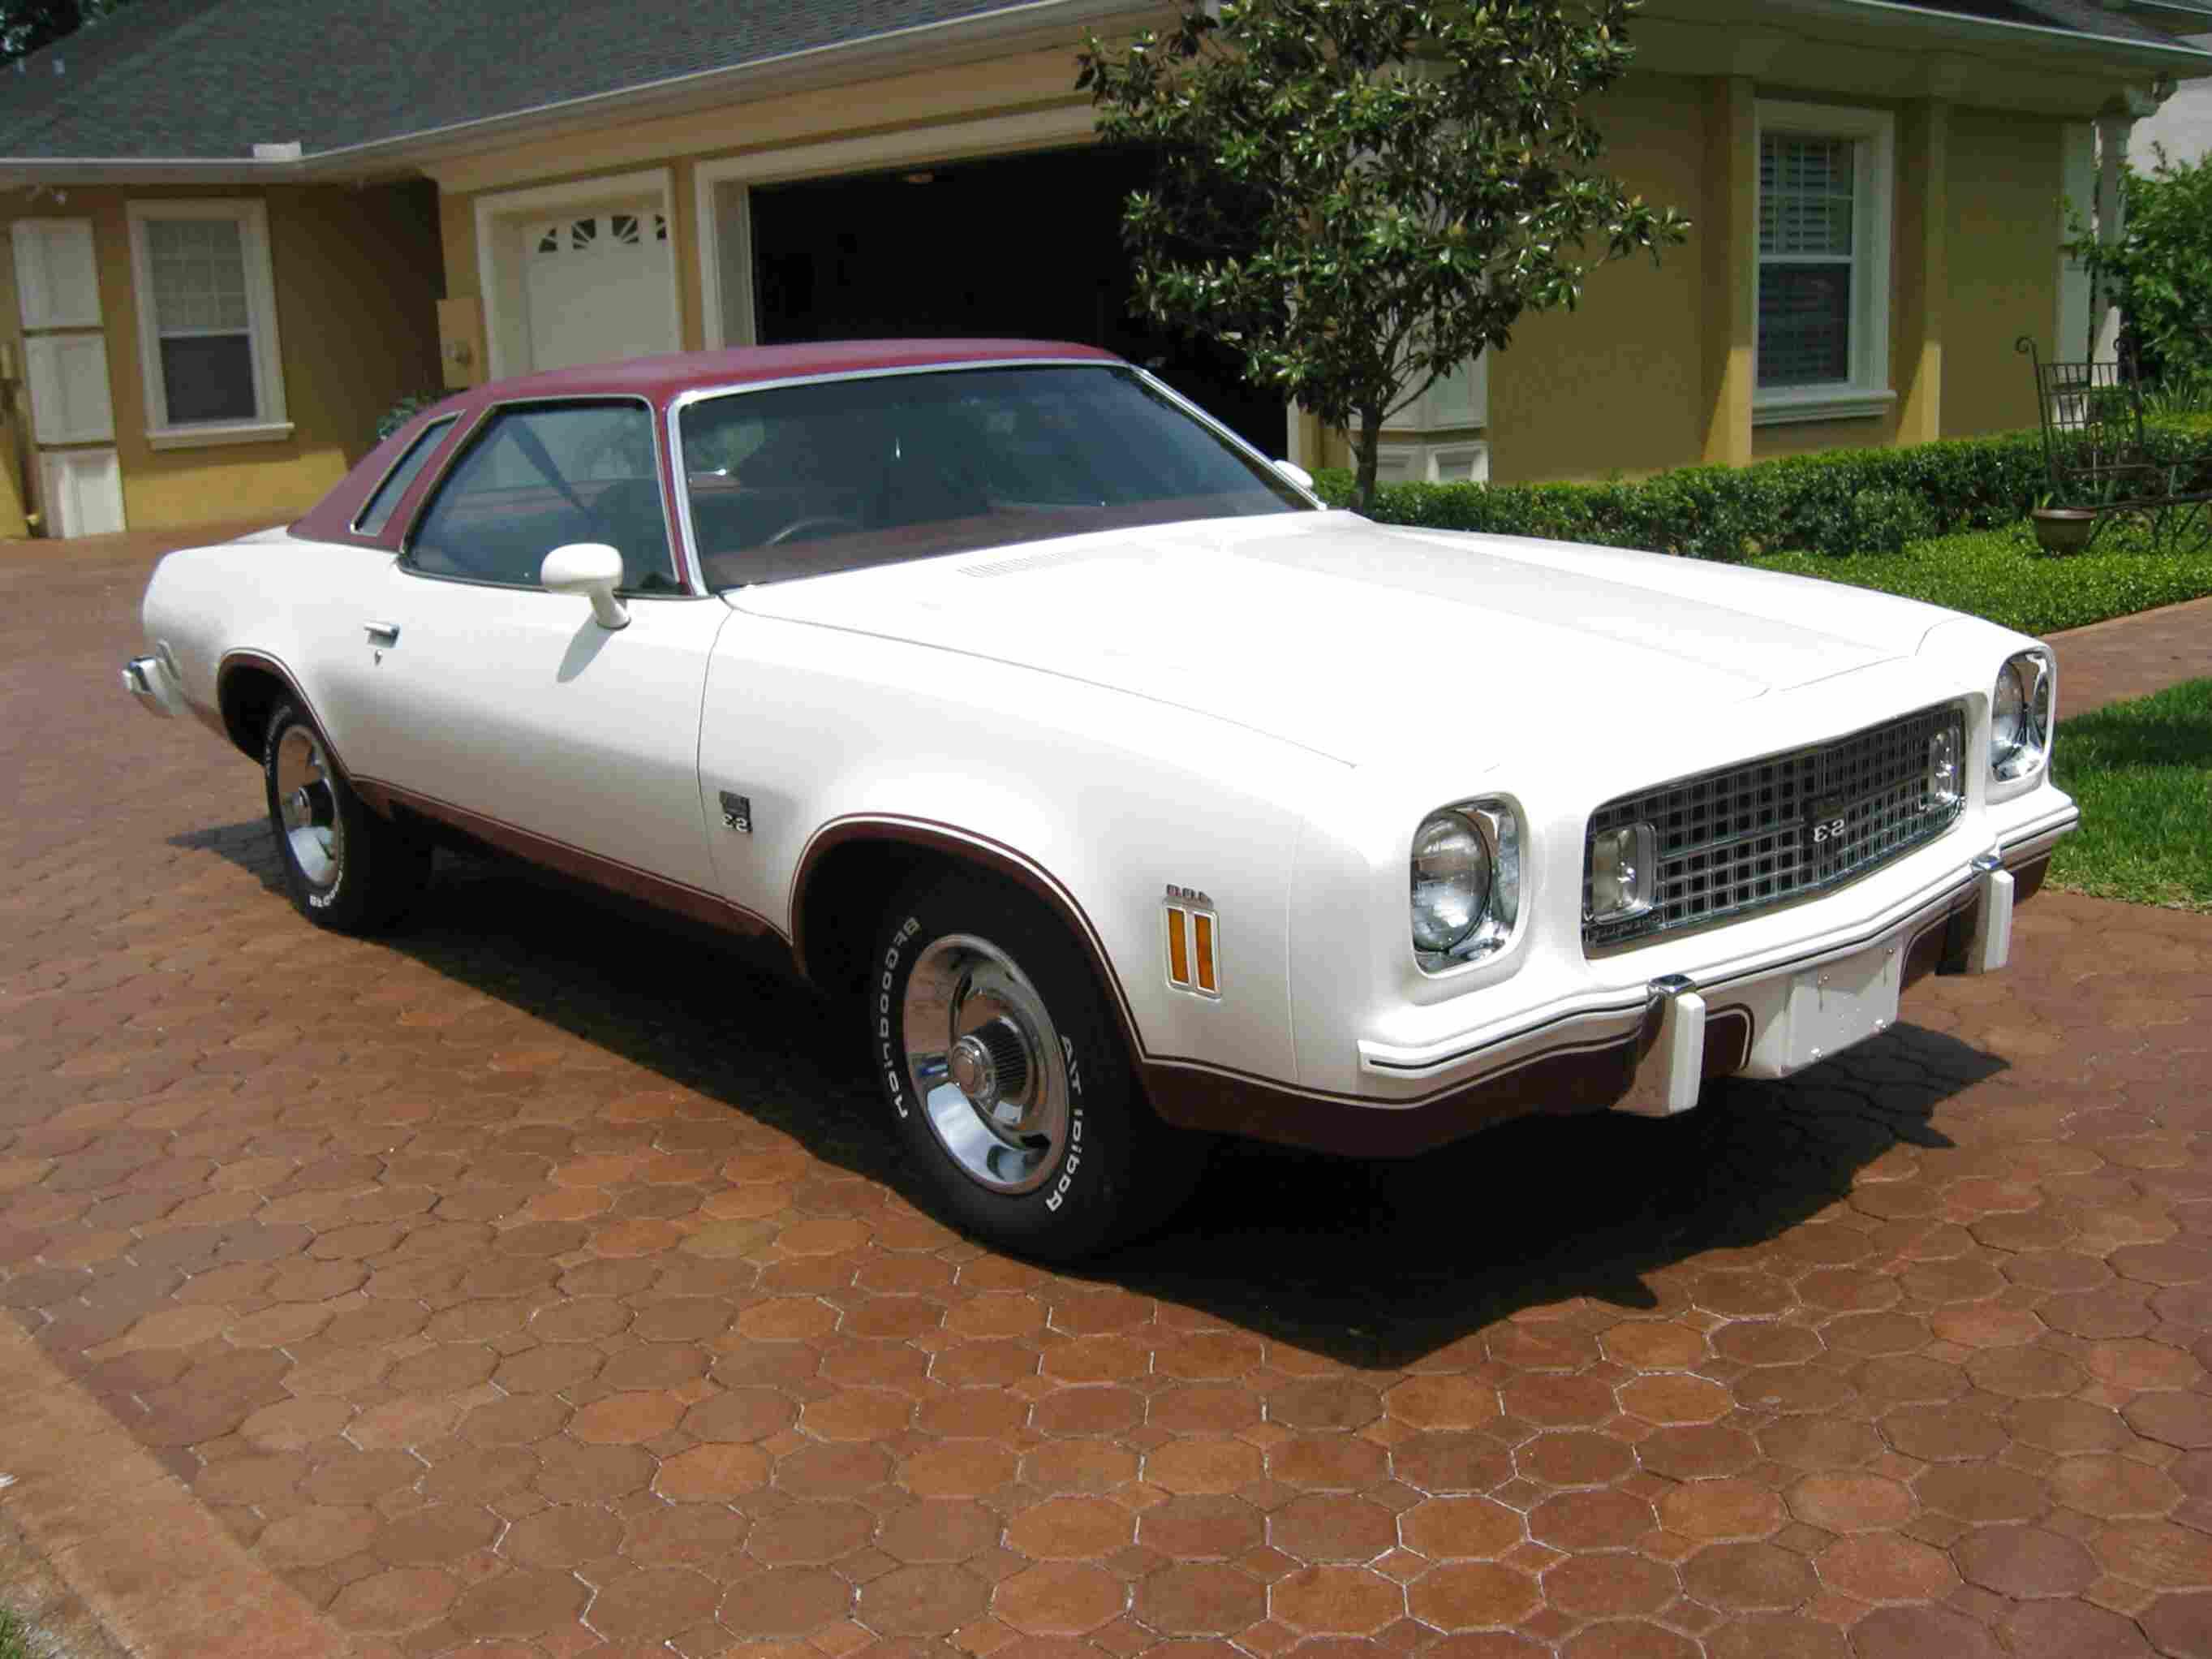 1973 chevelle laguna s3 for sale